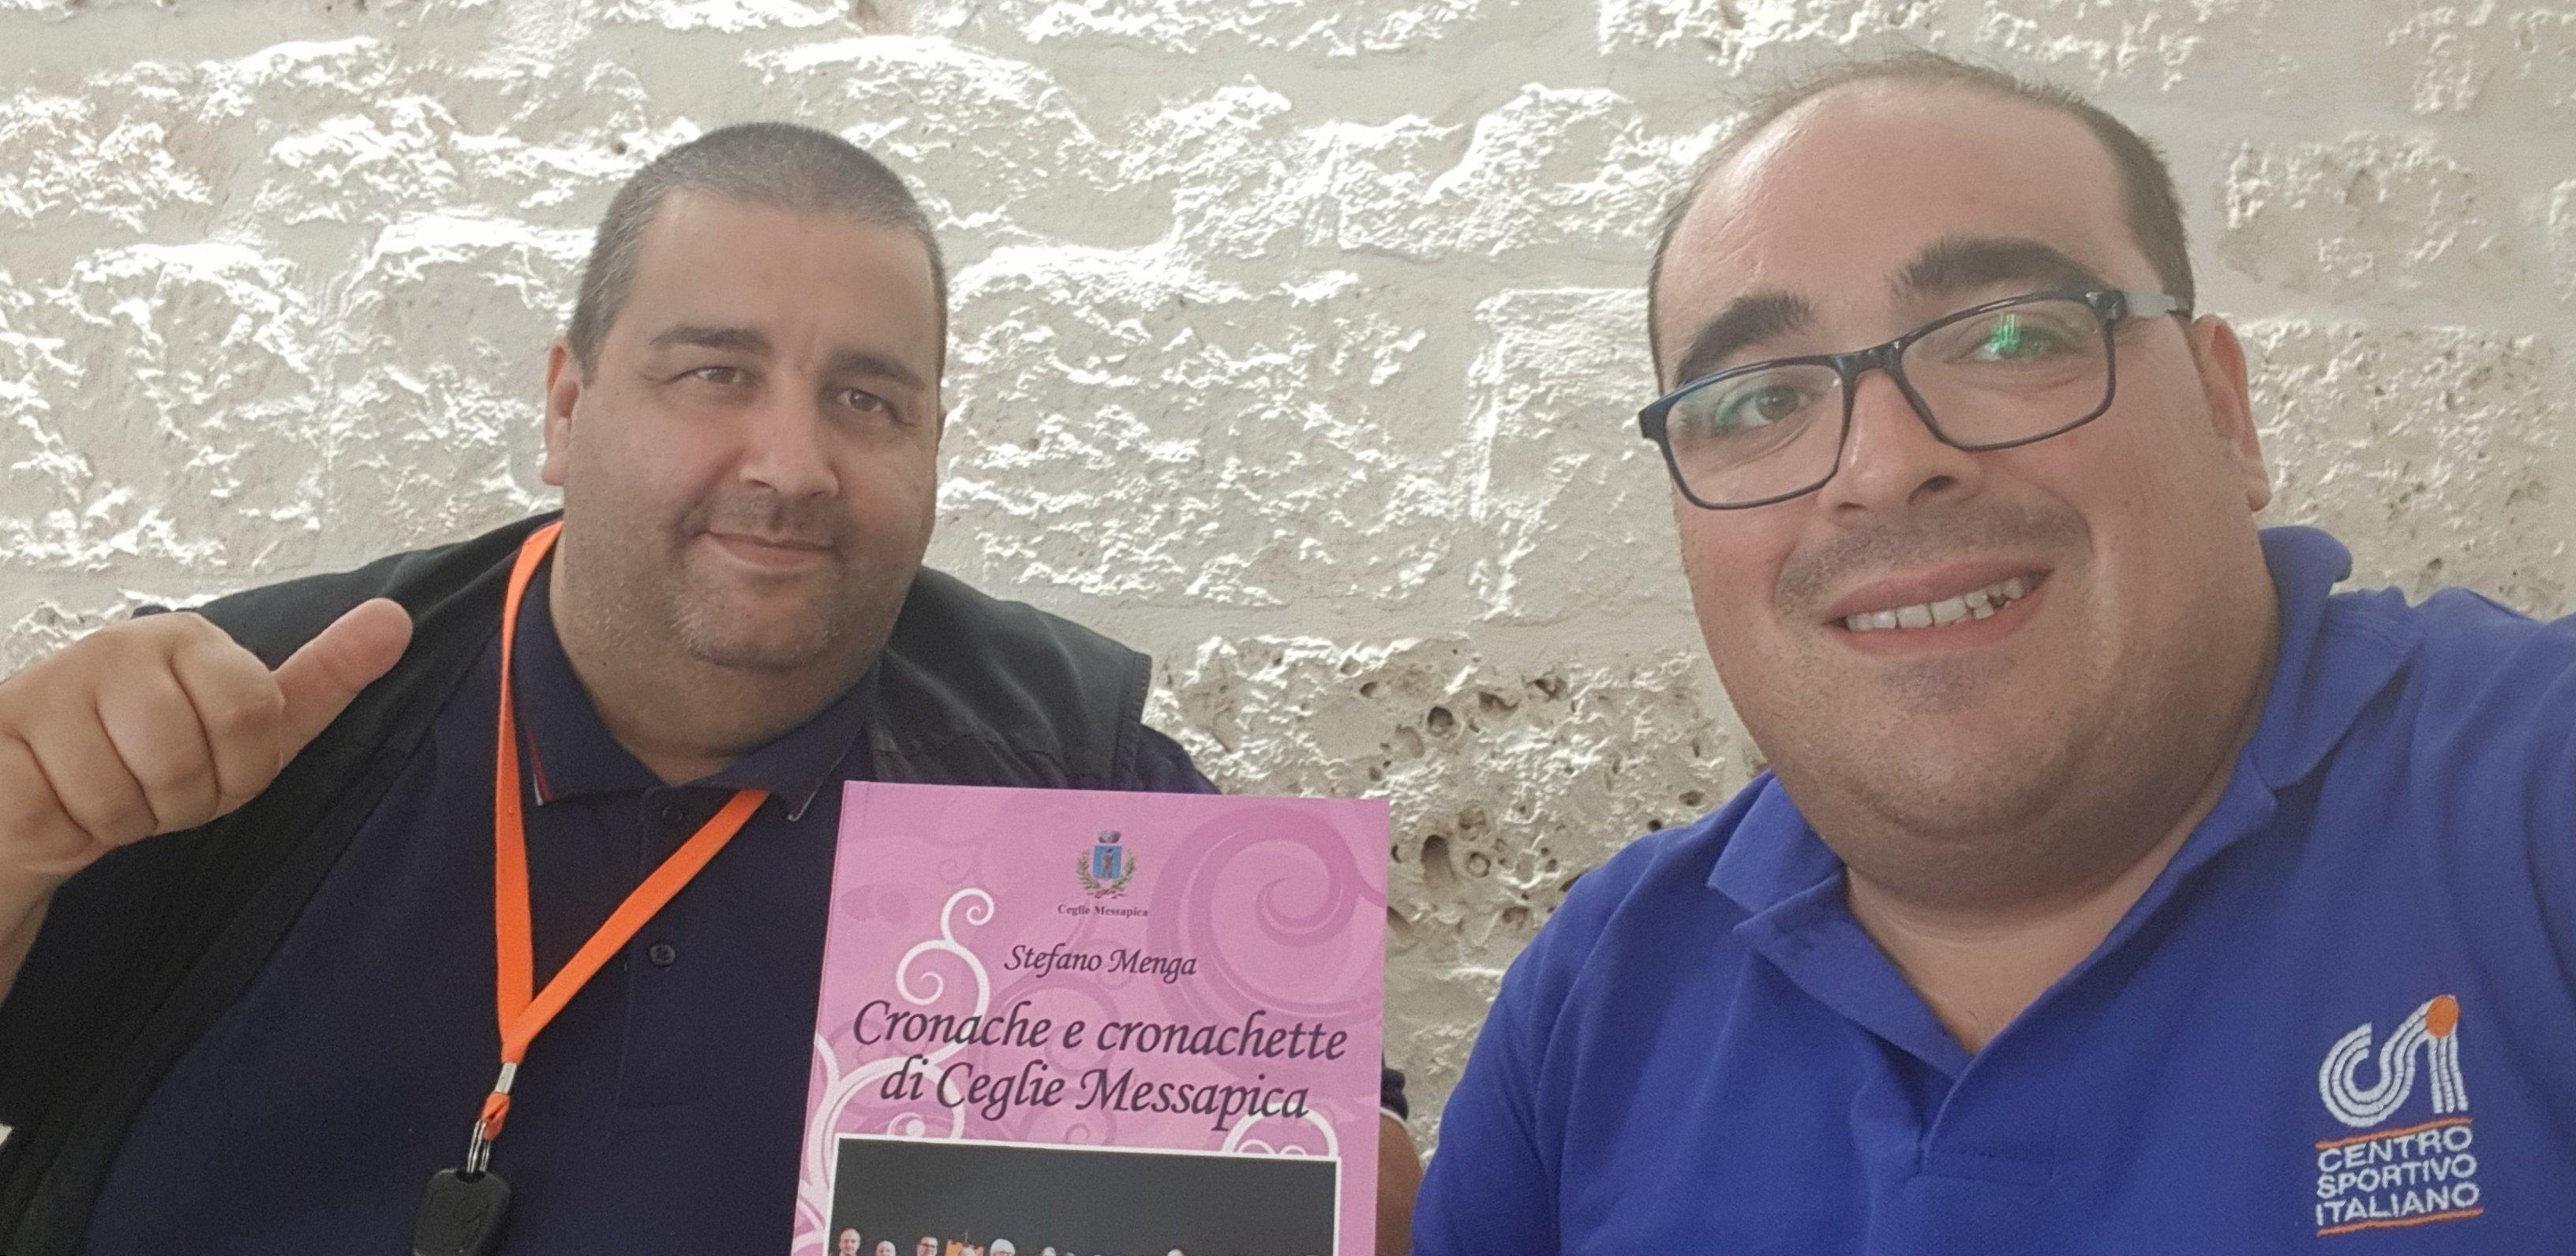 """Stefano Menga, domani presenta """"Cronache e cronachette a Ceglie Messapica"""""""